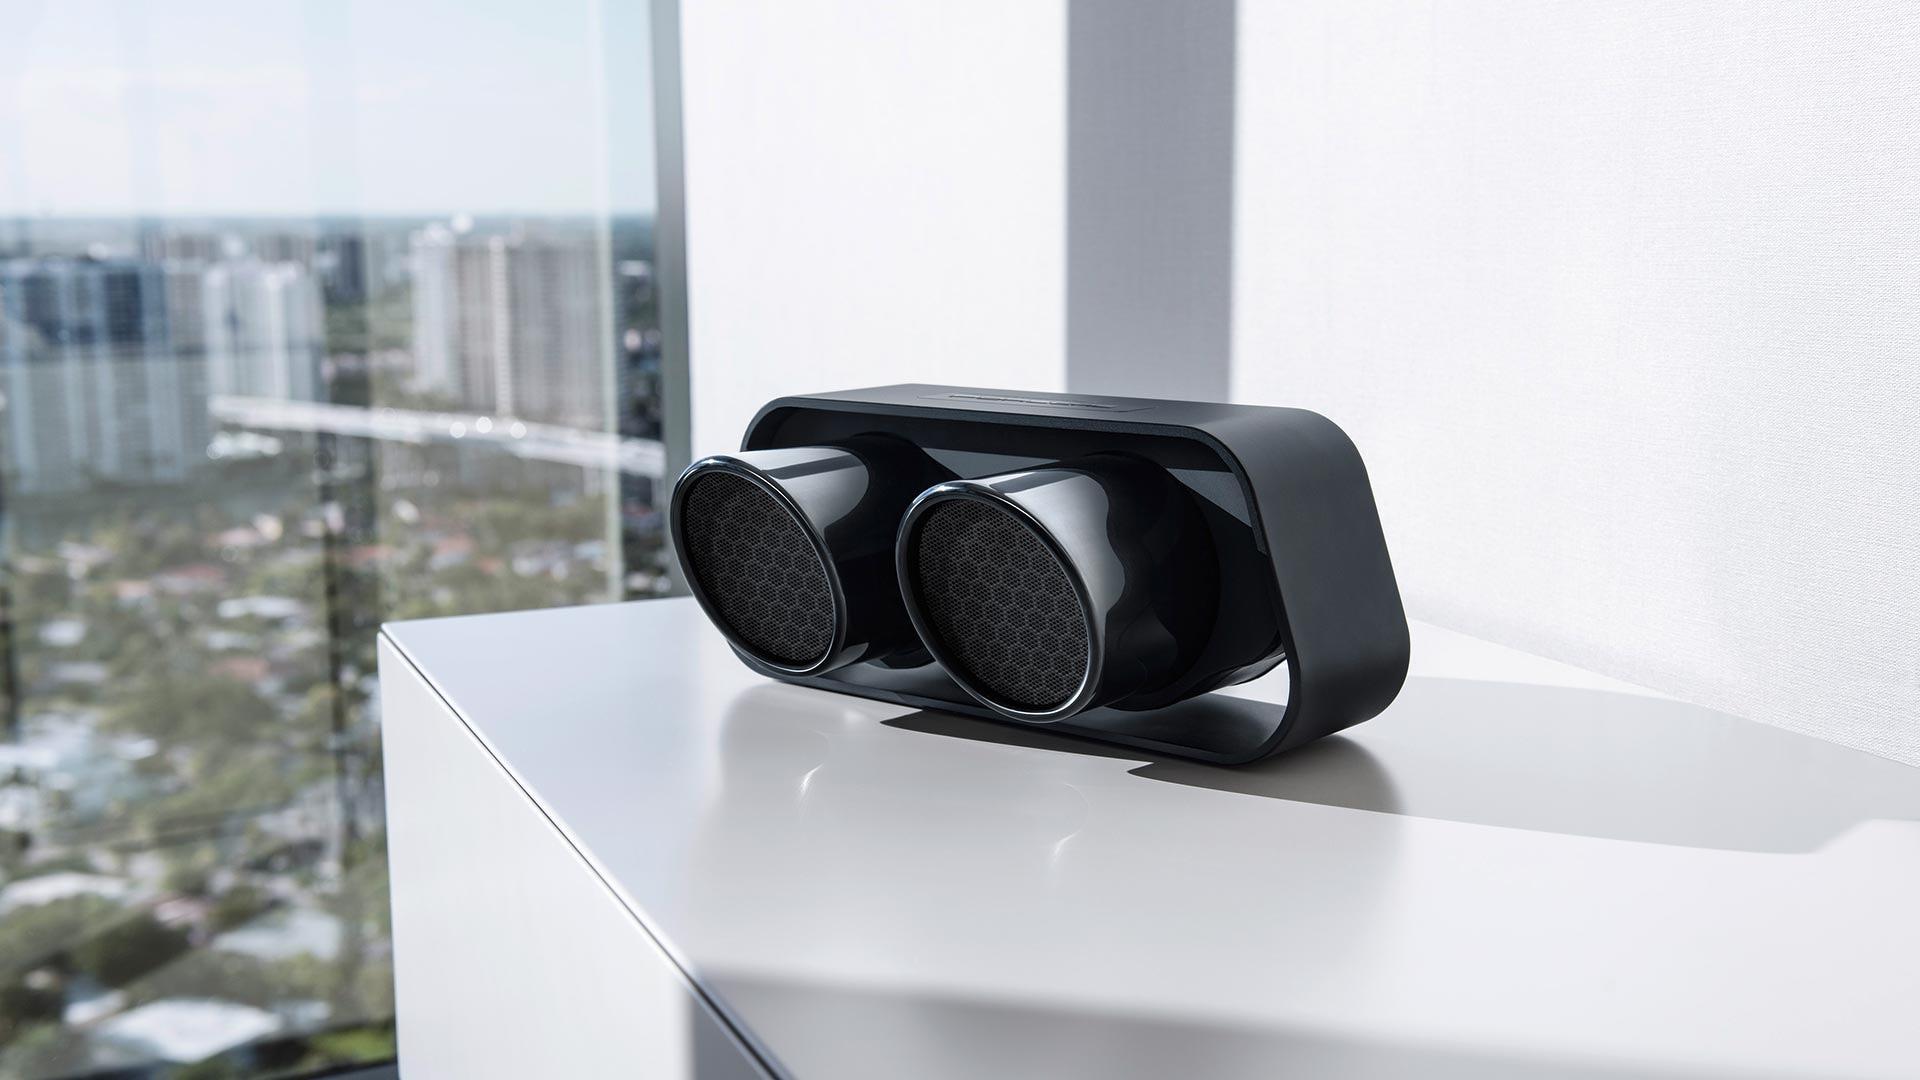 f61efb3afe8 Porsche Design 911 Speaker Gives Your Music Supercar Sound